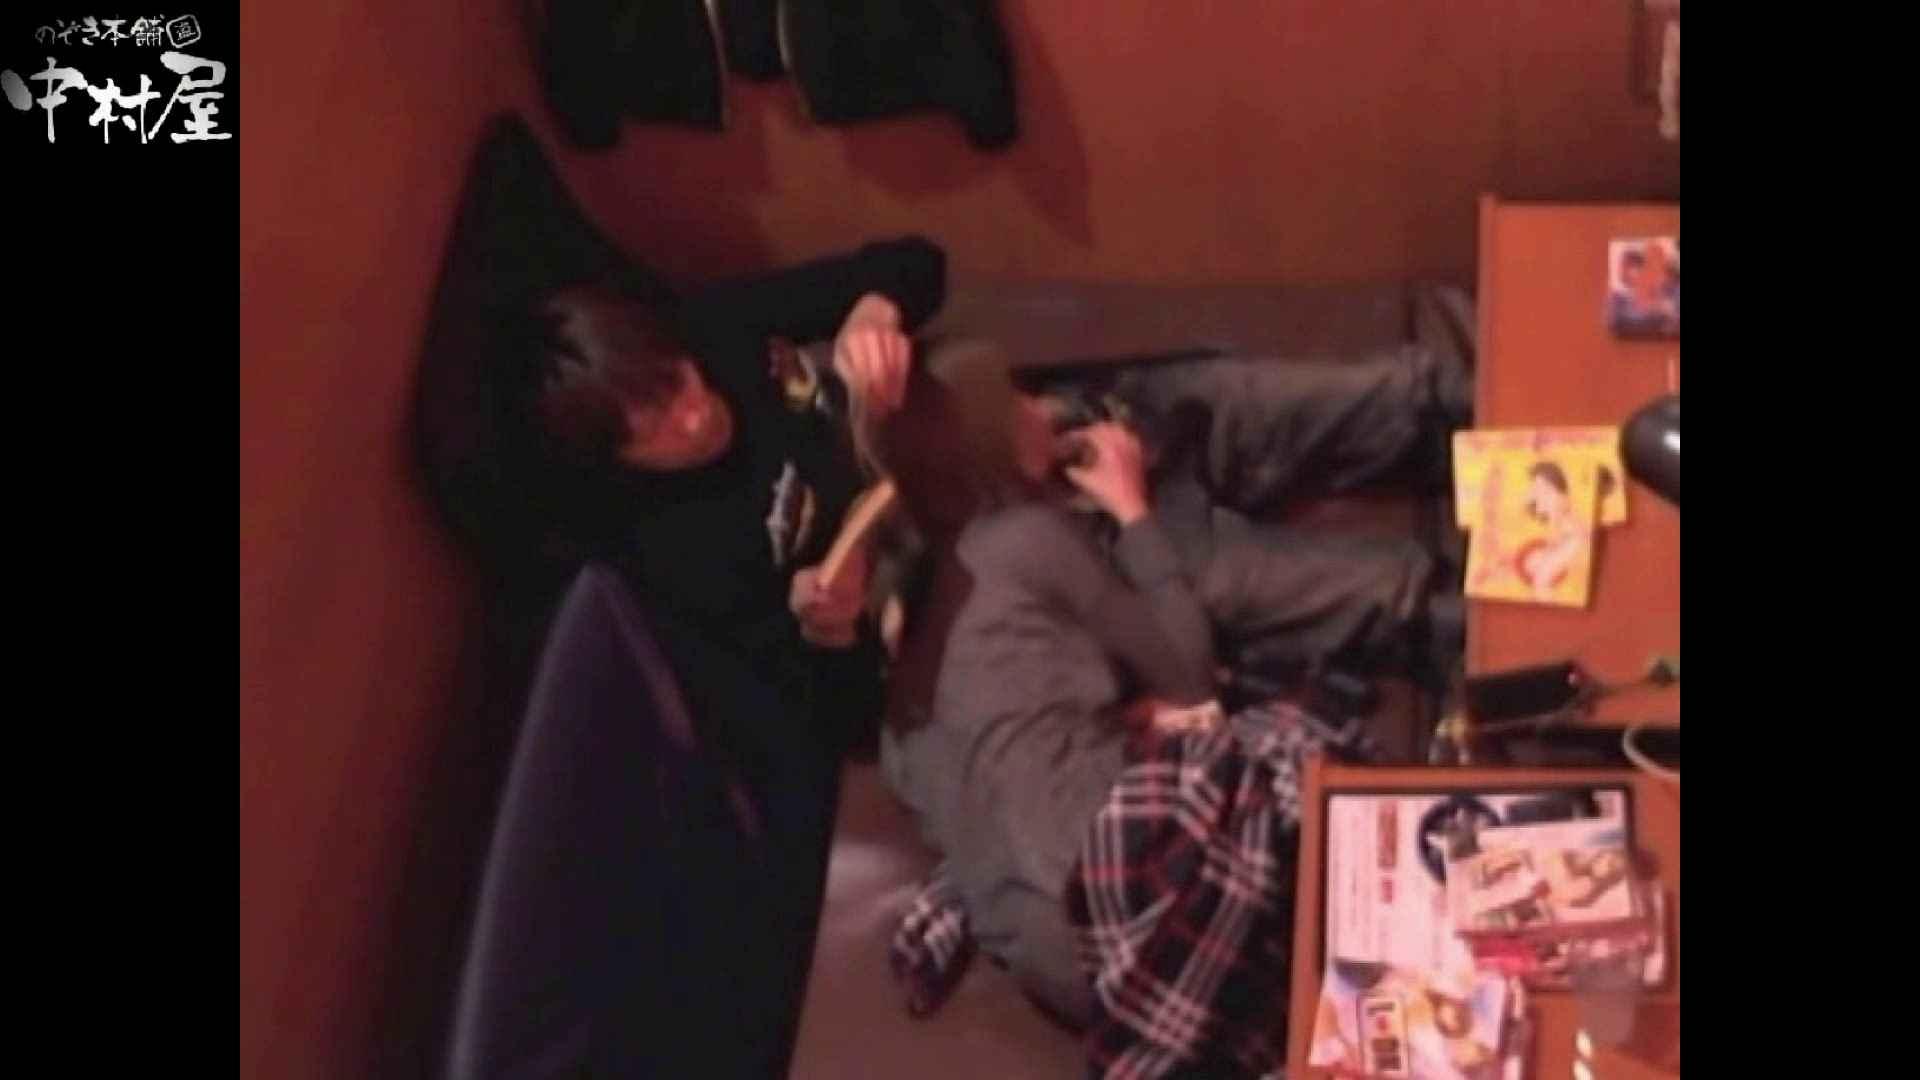 ネットカフェ盗撮師トロントさんの 素人カップル盗撮記vol.2 喘ぎ われめAV動画紹介 70枚 30